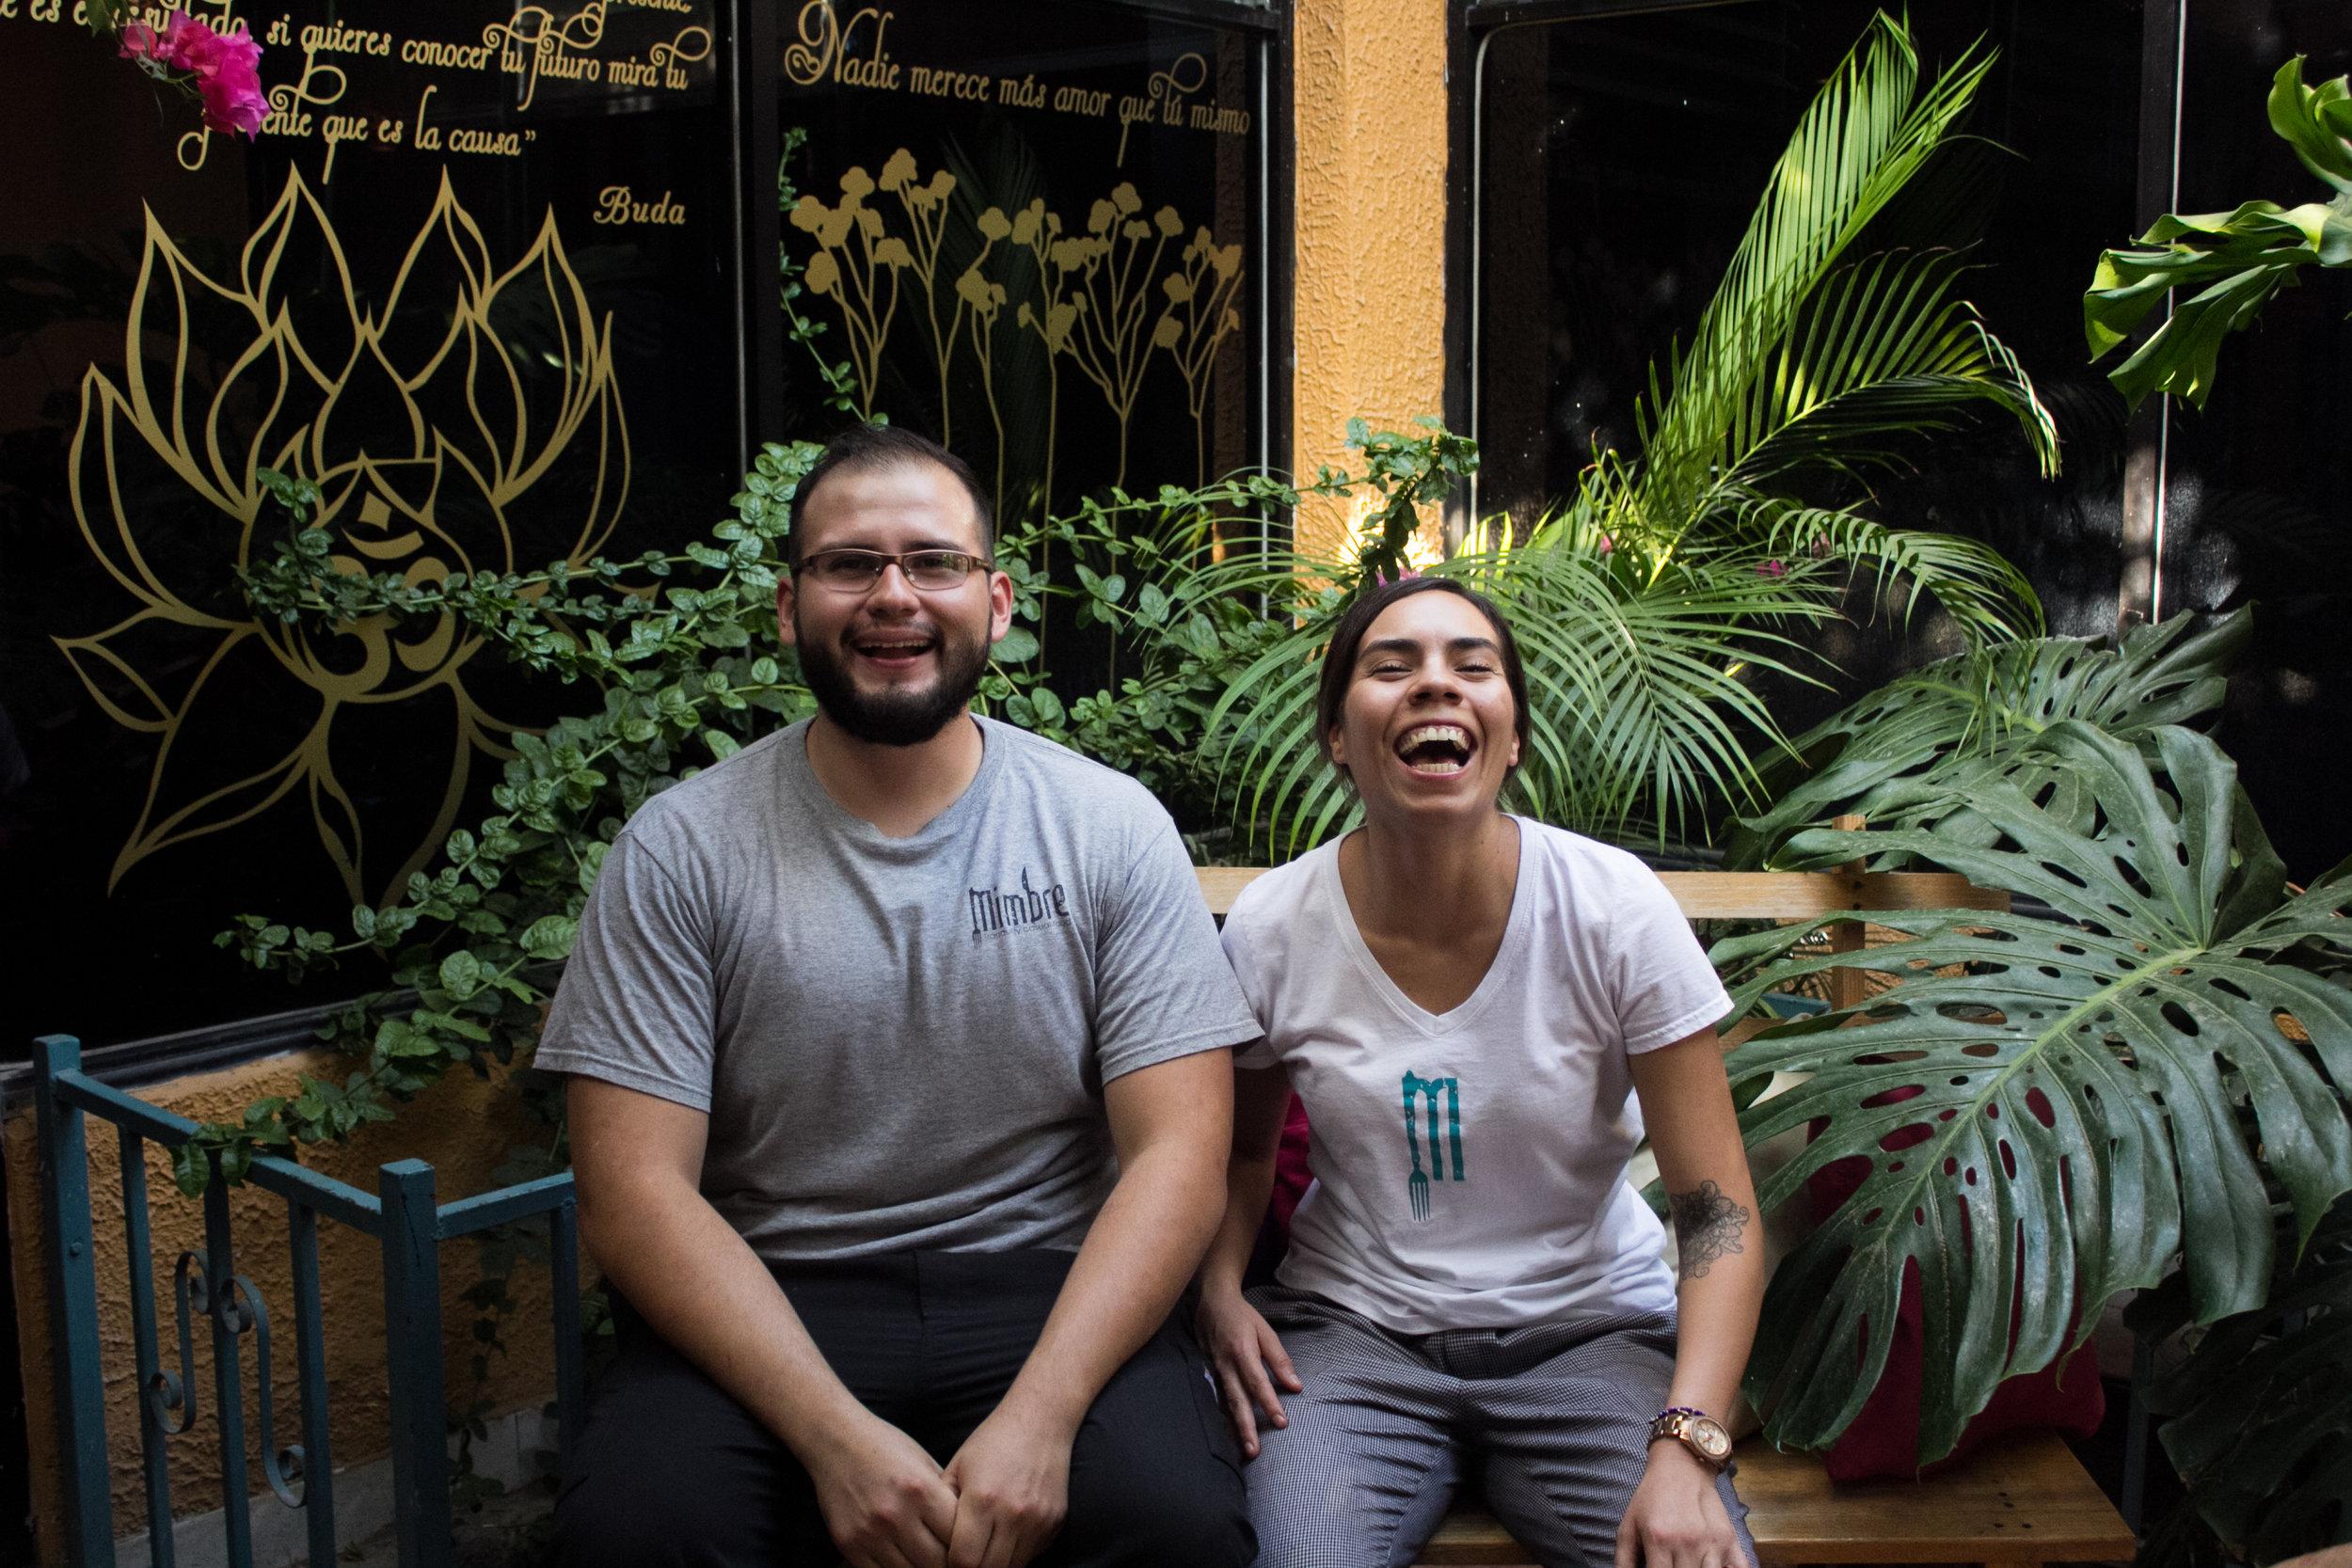 Bricia and David, Juarez, Mexico